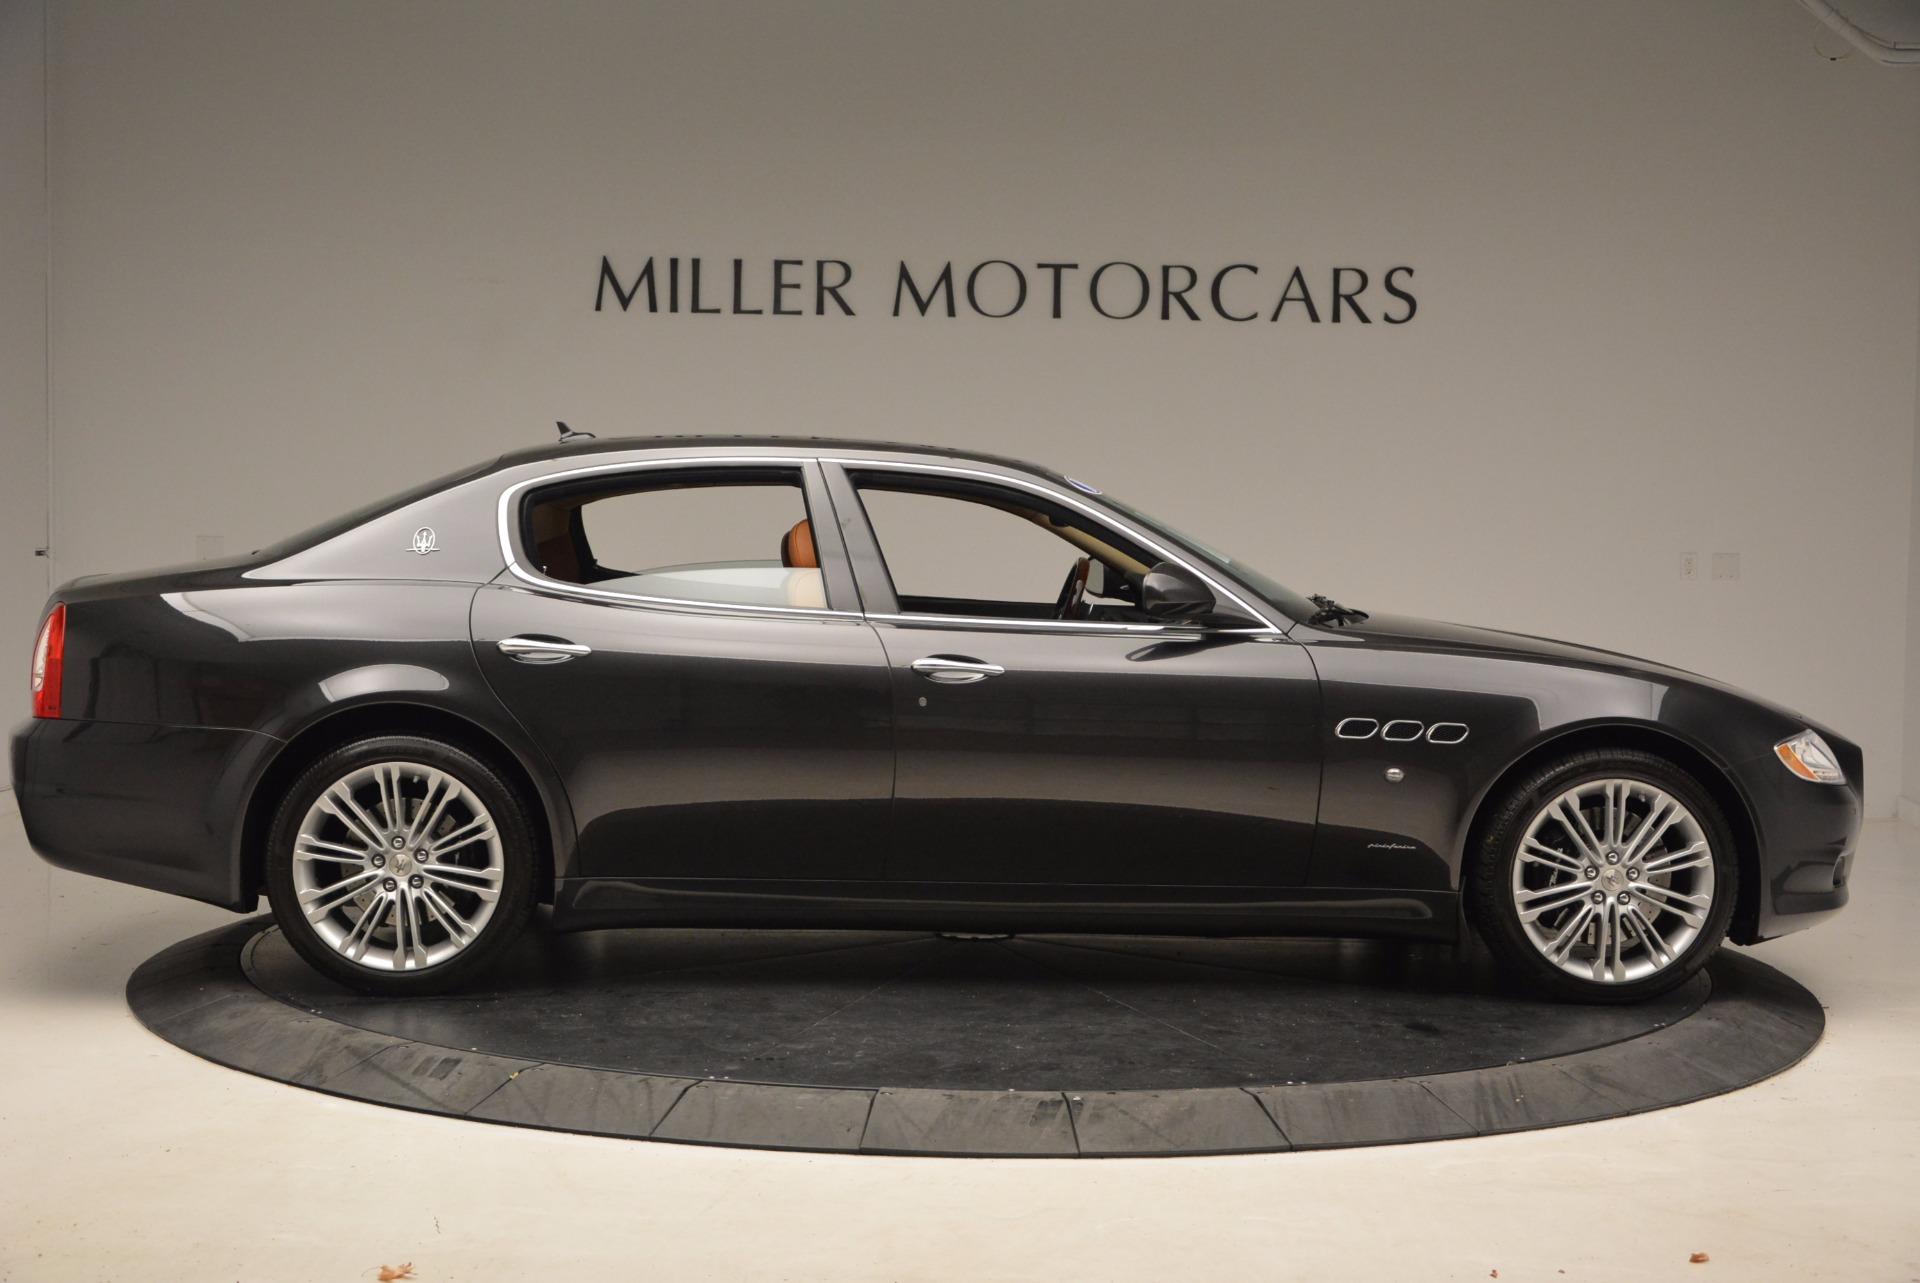 Used 2010 Maserati Quattroporte S For Sale In Greenwich, CT. Alfa Romeo of Greenwich, 7279 1551_p21